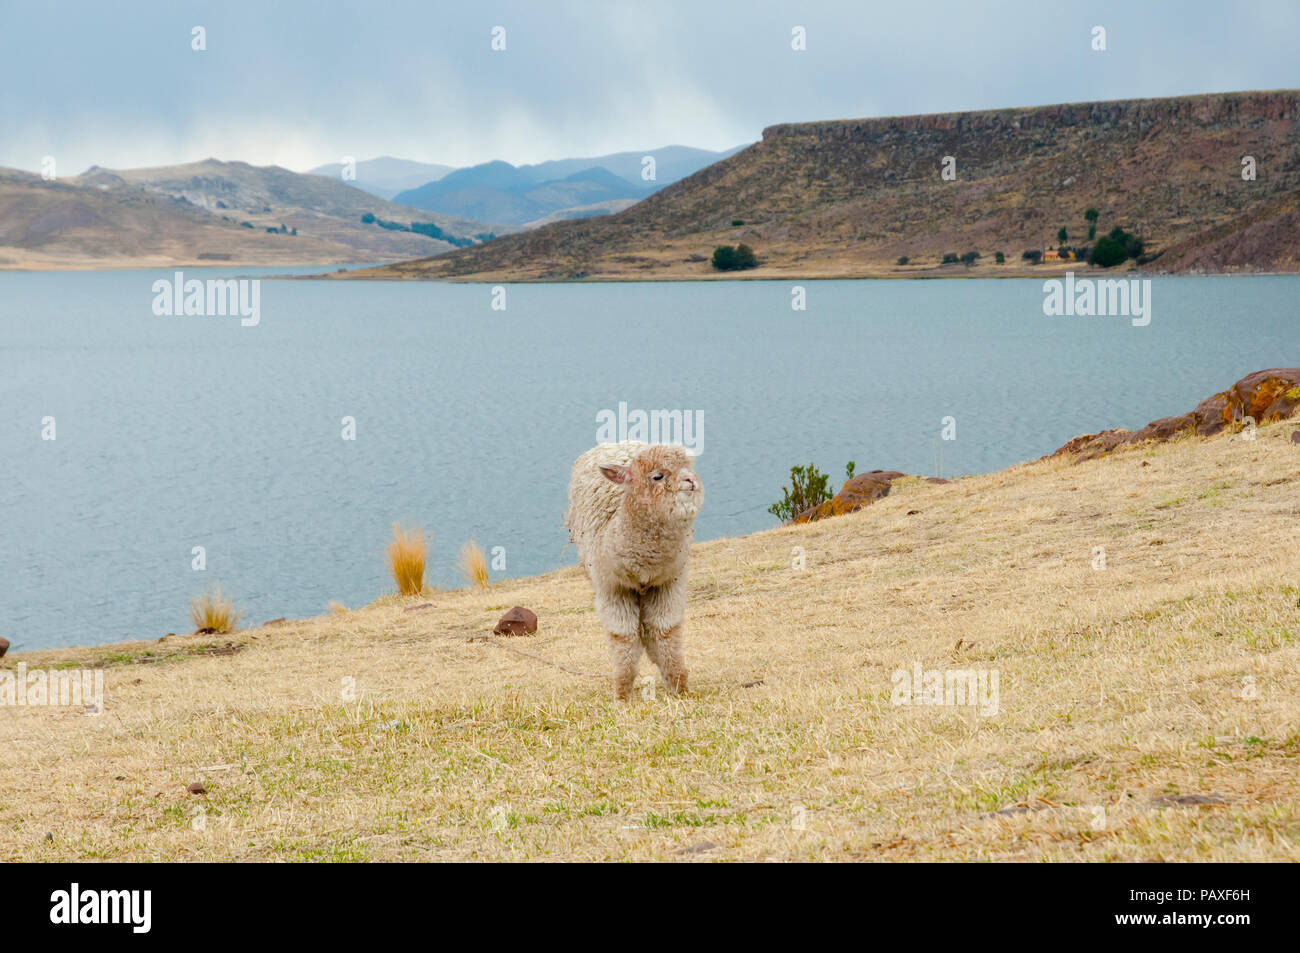 Alpaca in Peru - Stock Image